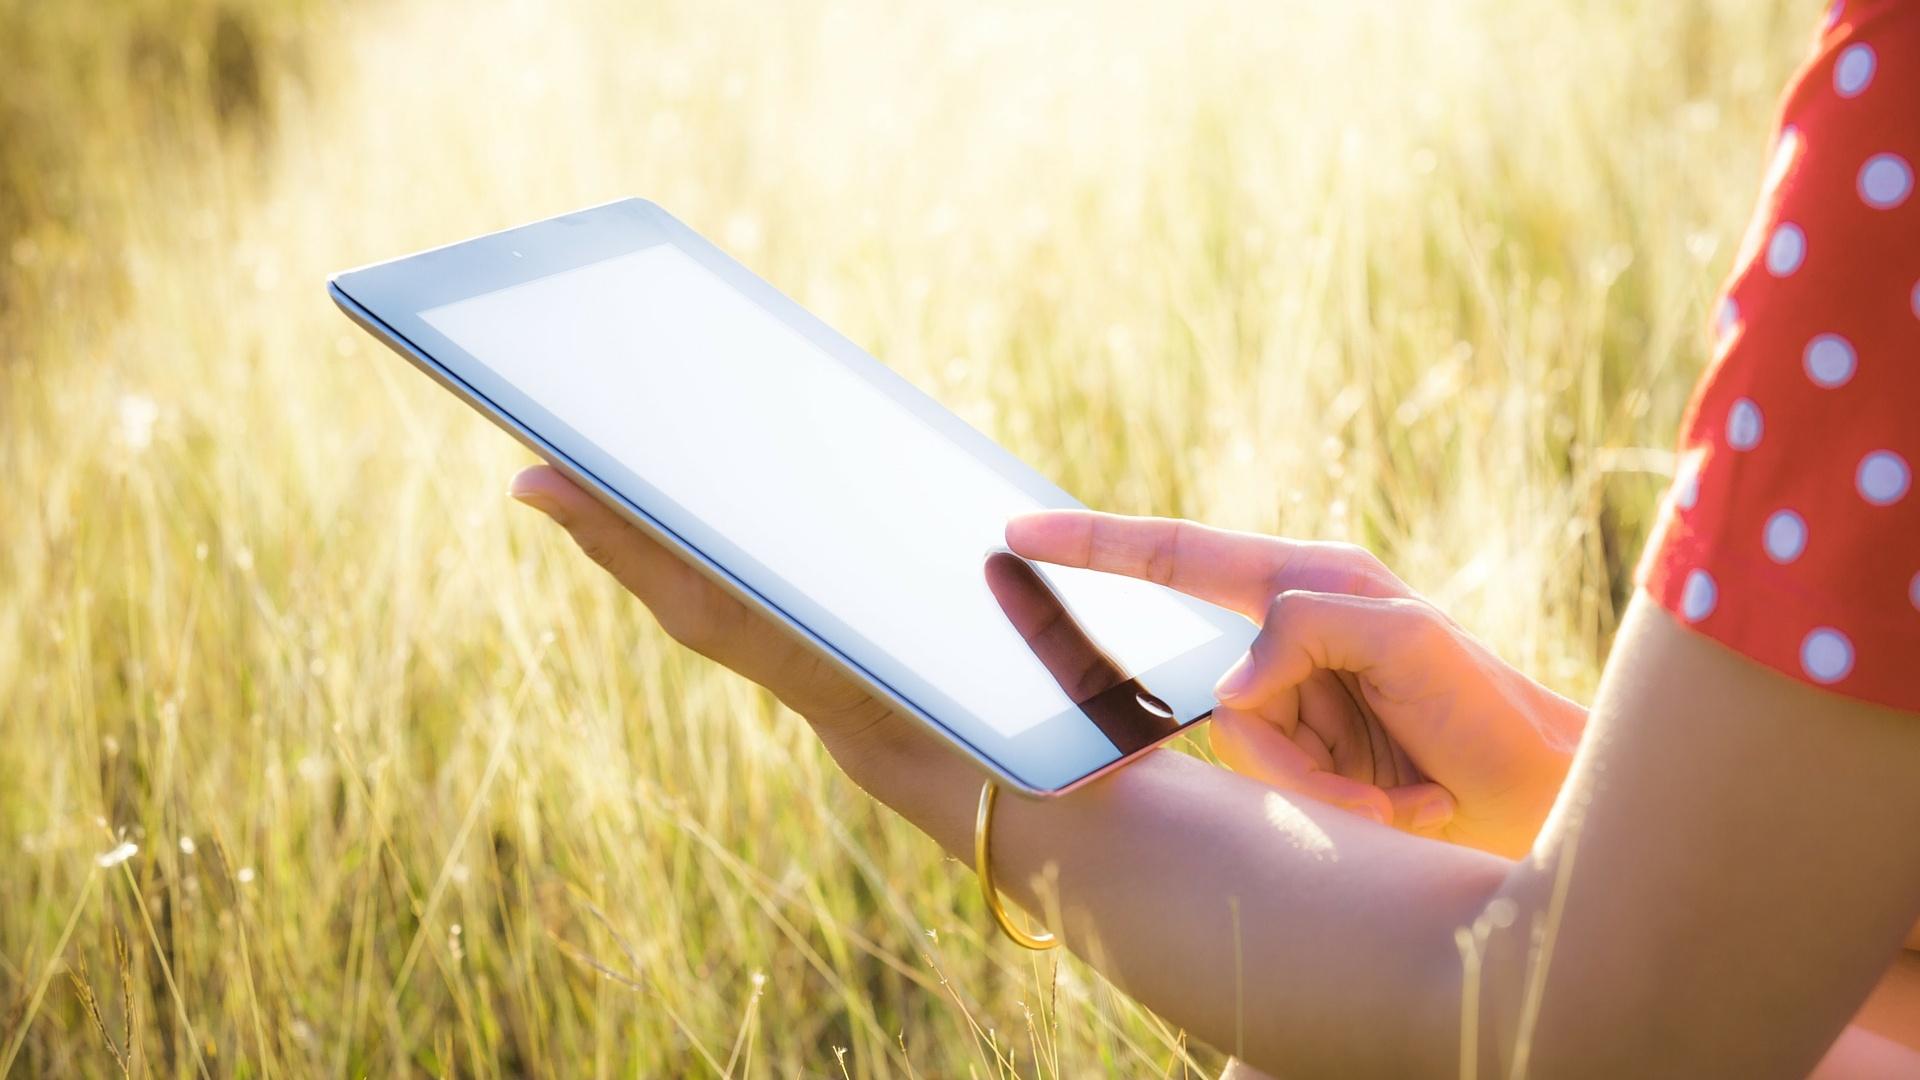 tablet_in_sunlight.jpg